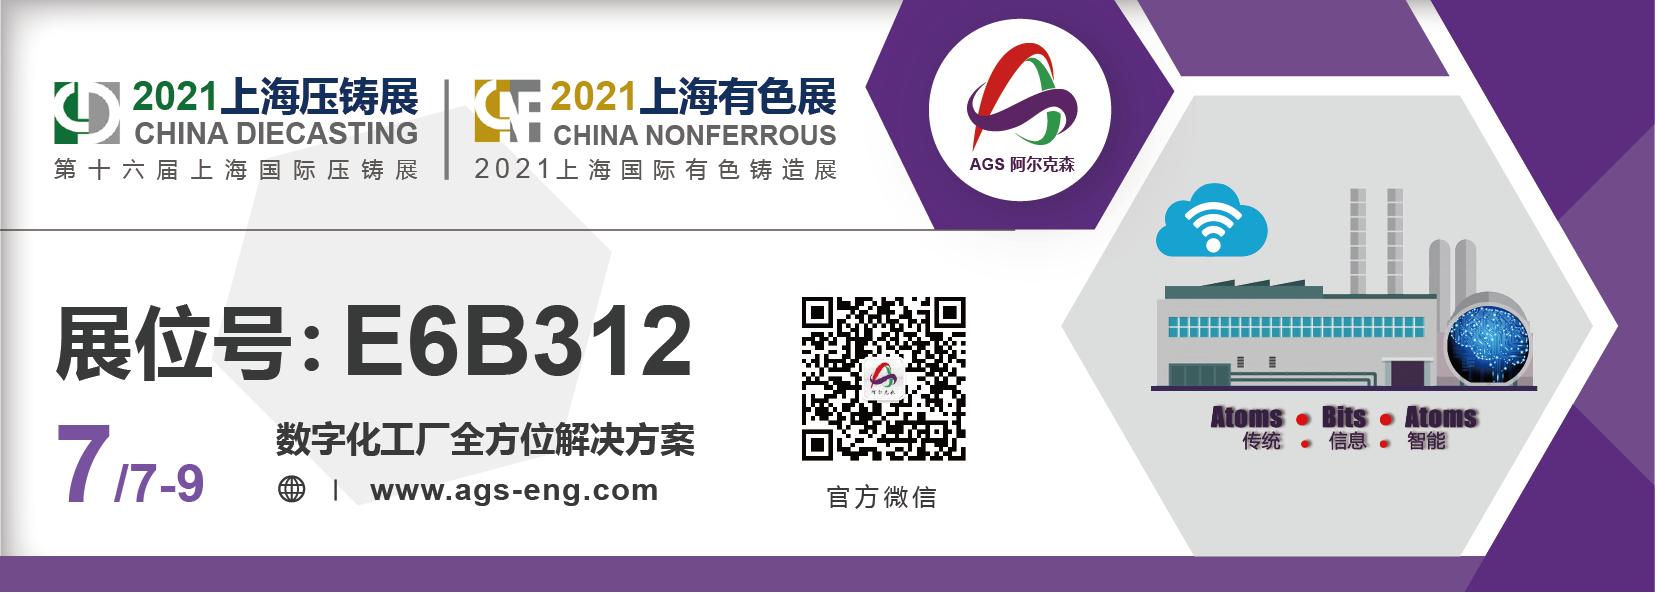 2021 CHINA DIECASTING & CHINA NONFERROUS